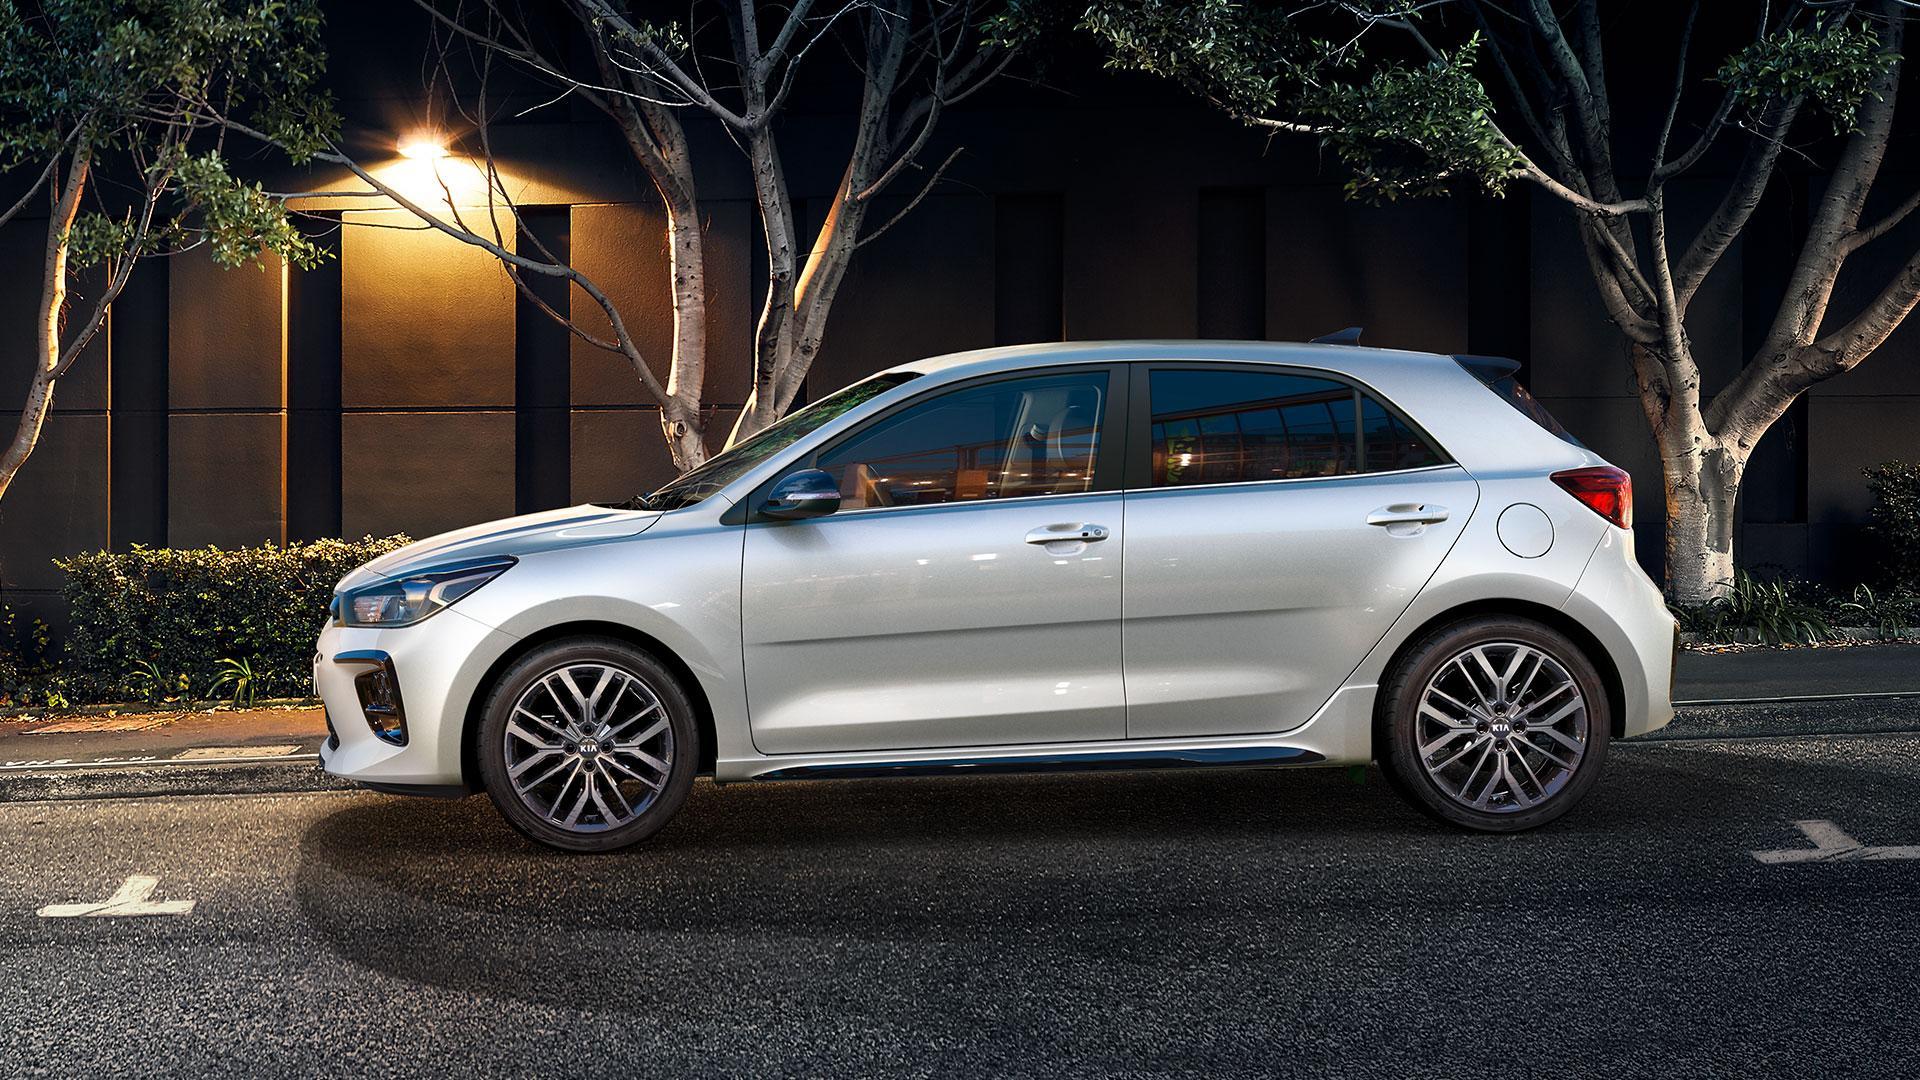 Kia Rio Facelift 2020 wit